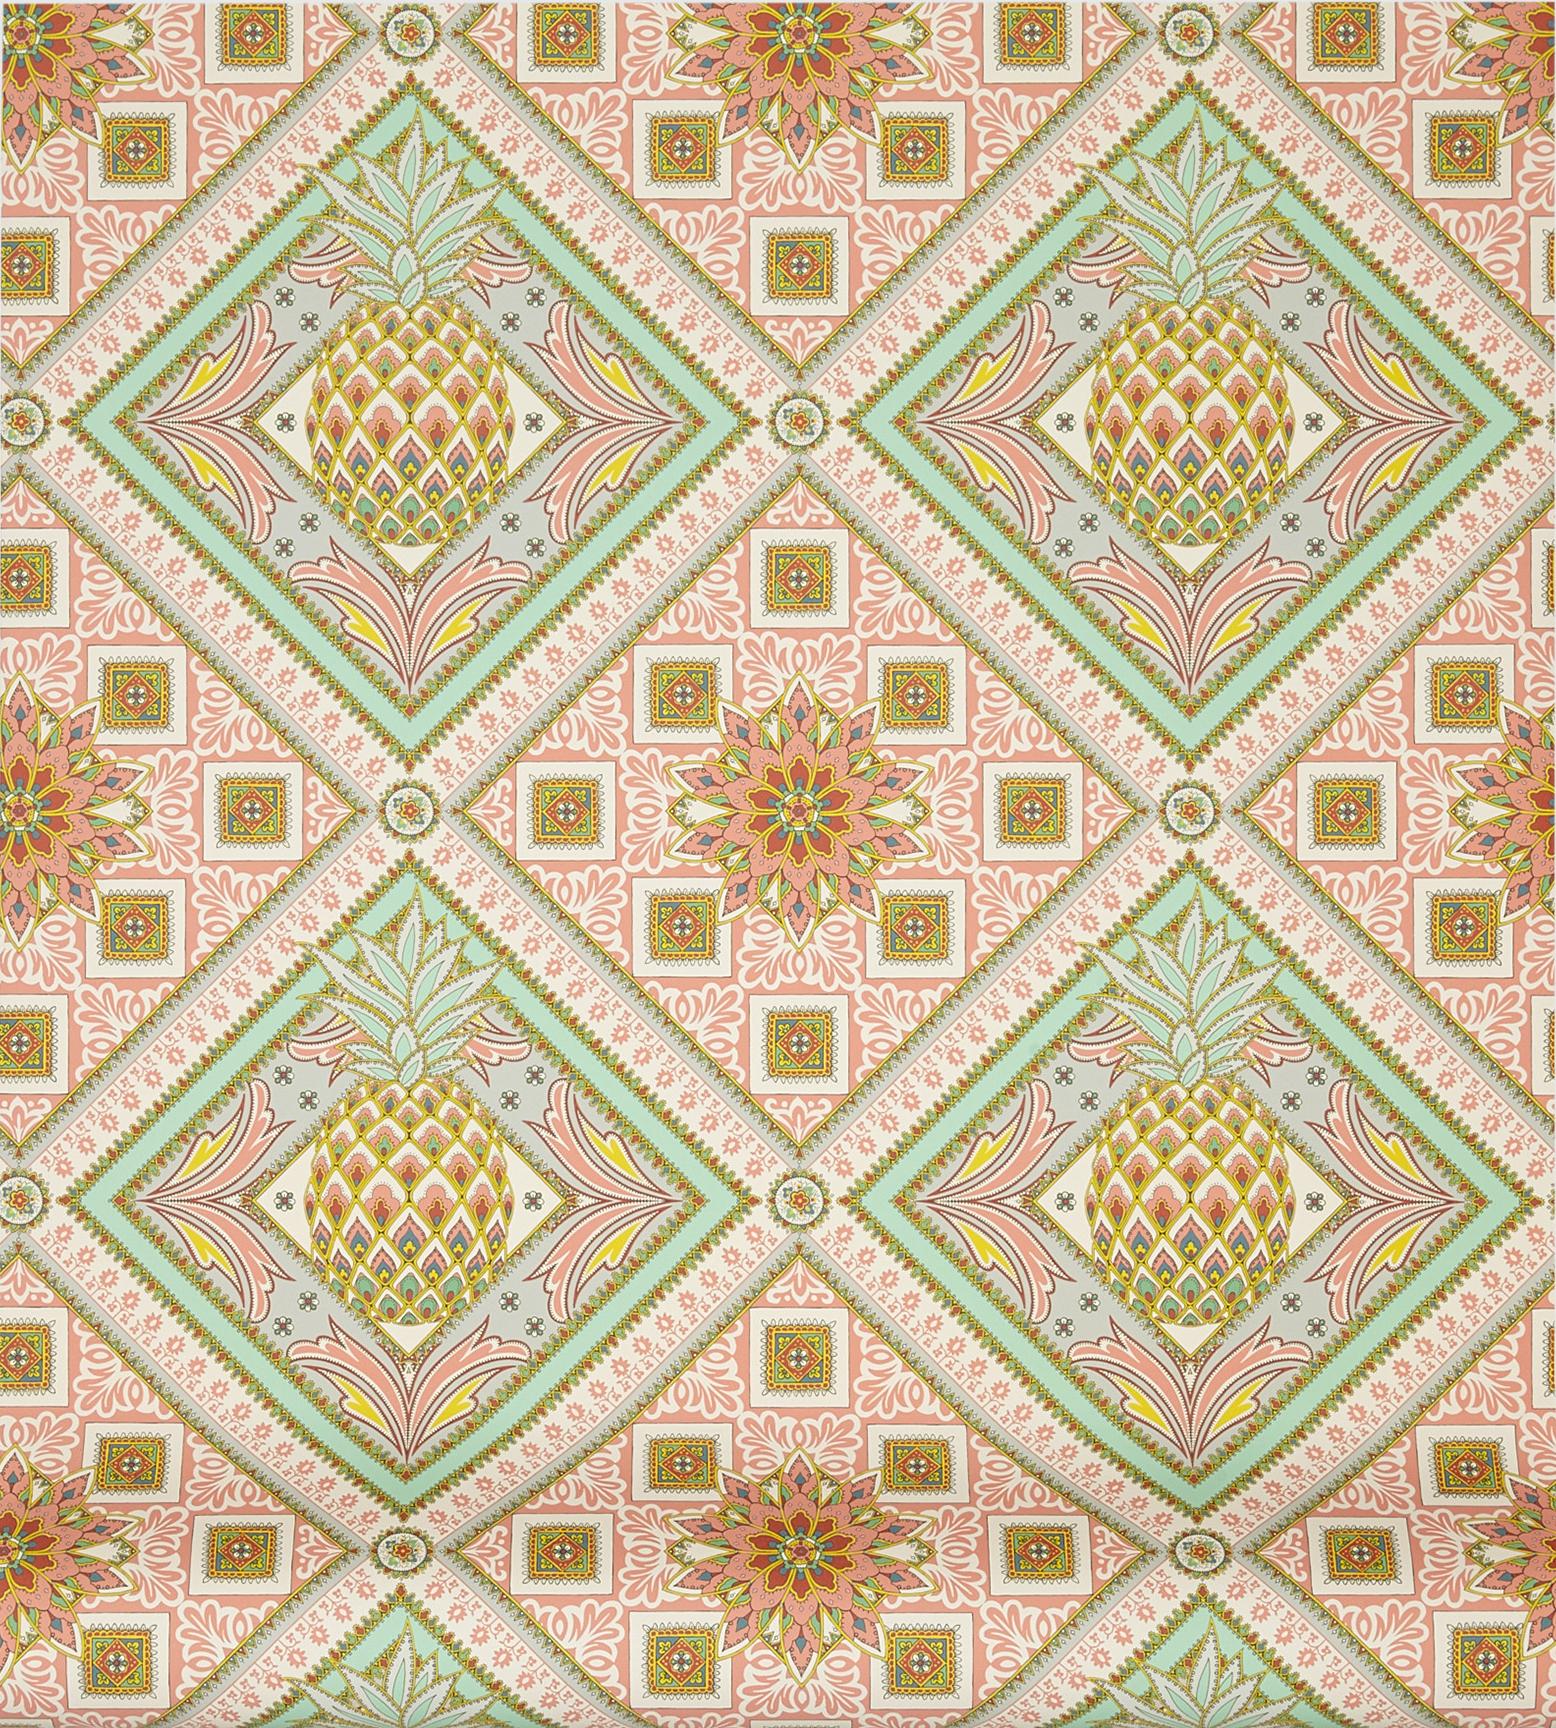 Pineapple-print-wallpaper 2.jpg